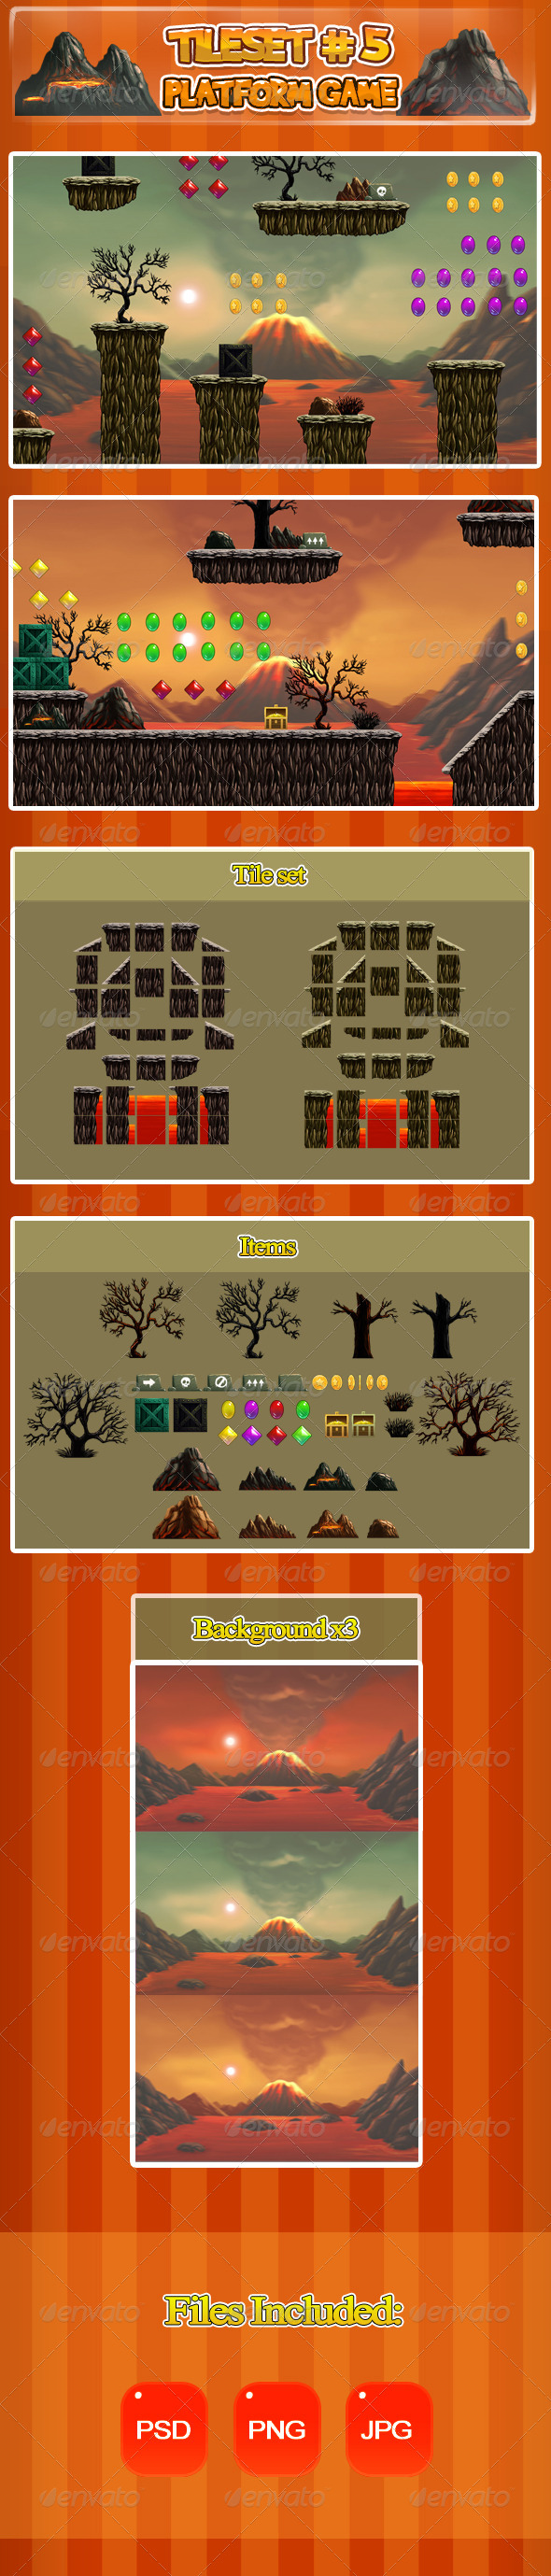 GraphicRiver 2D Tileset Platform Game 5 6697038